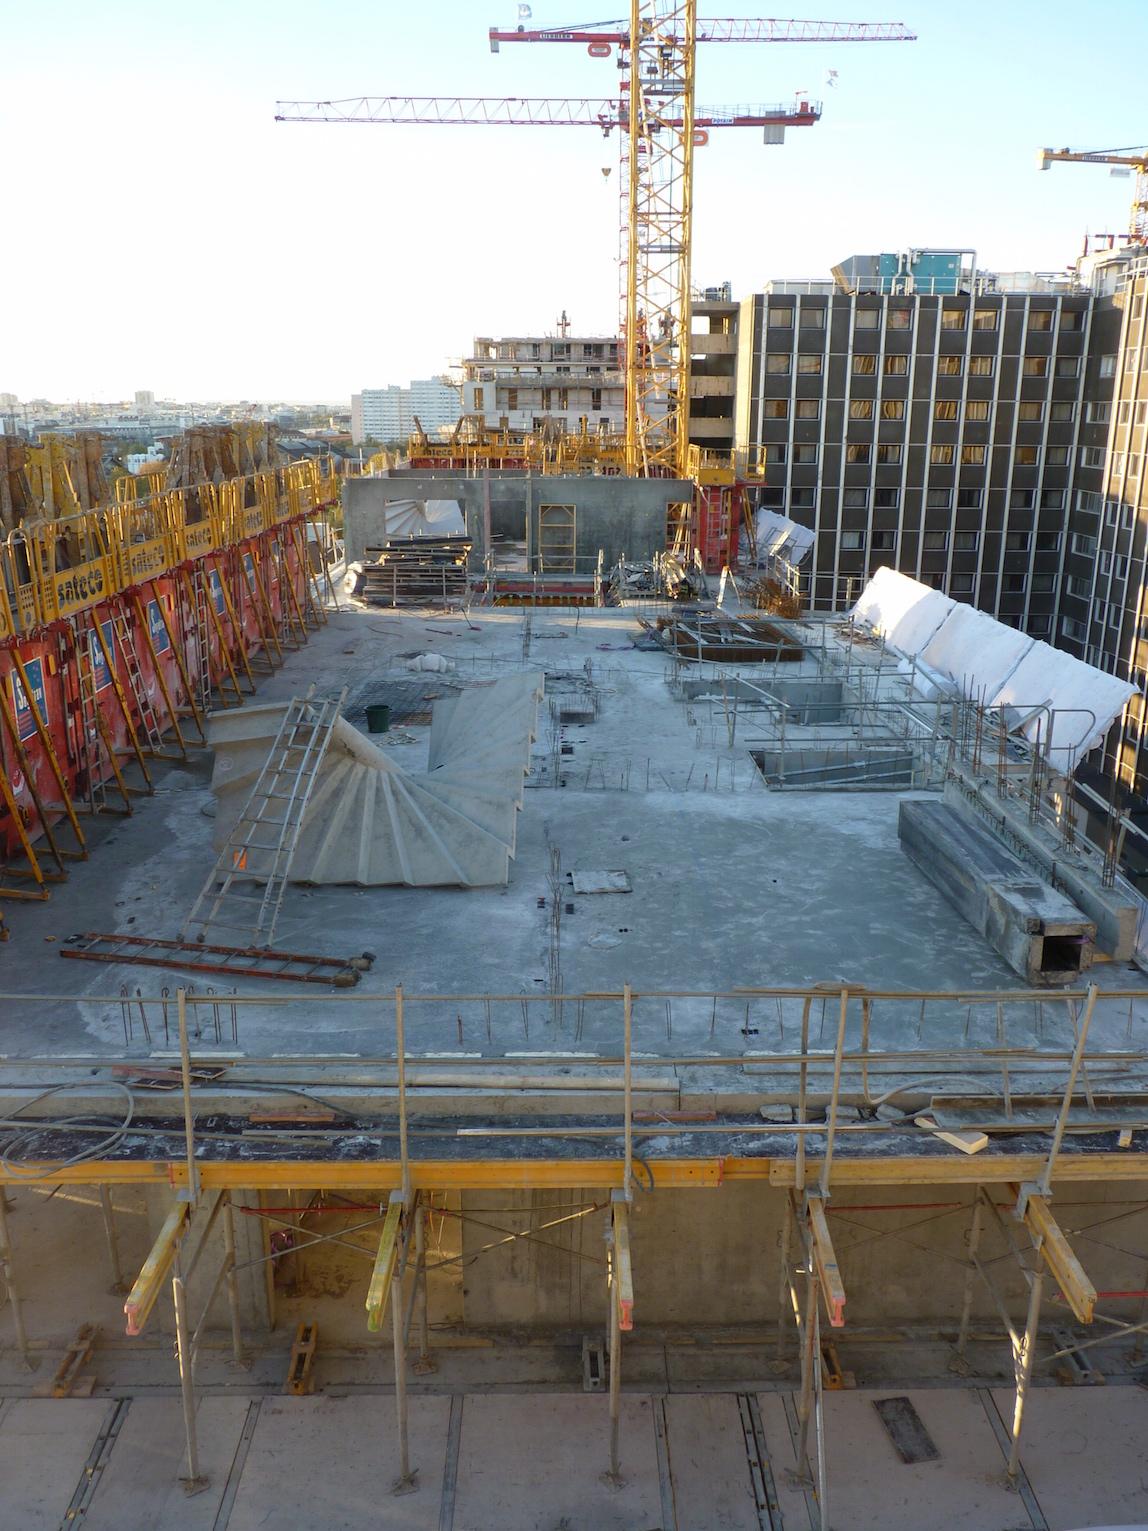 Parc 17, Vue générale du chantier, 7 novembre 2014